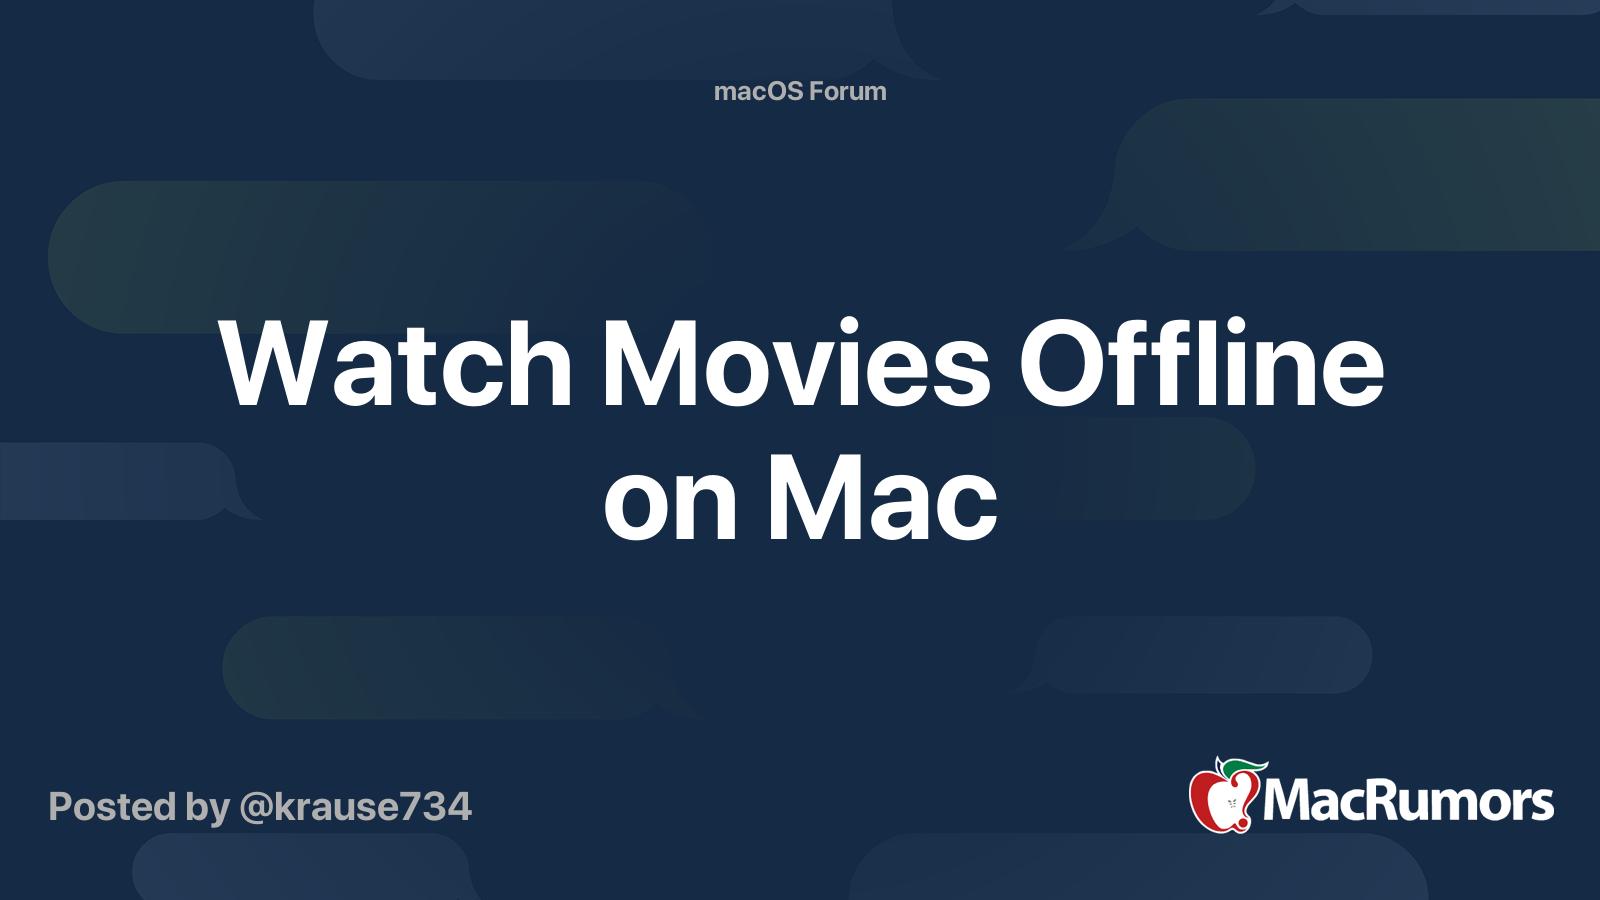 How to watch movies offline macbook